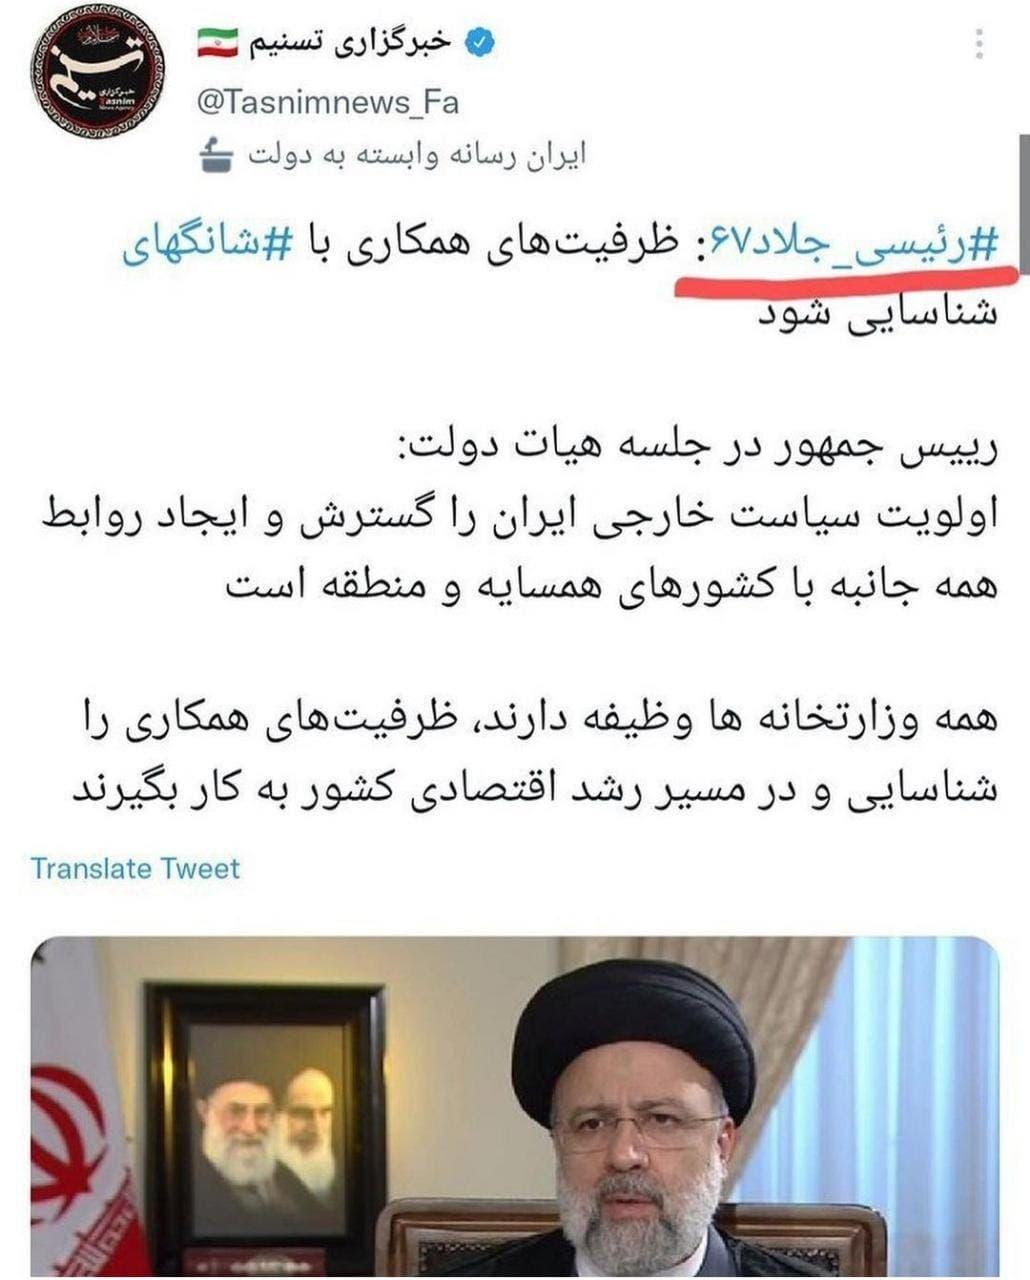 تصویر توییت خبرگزاری تسنیم